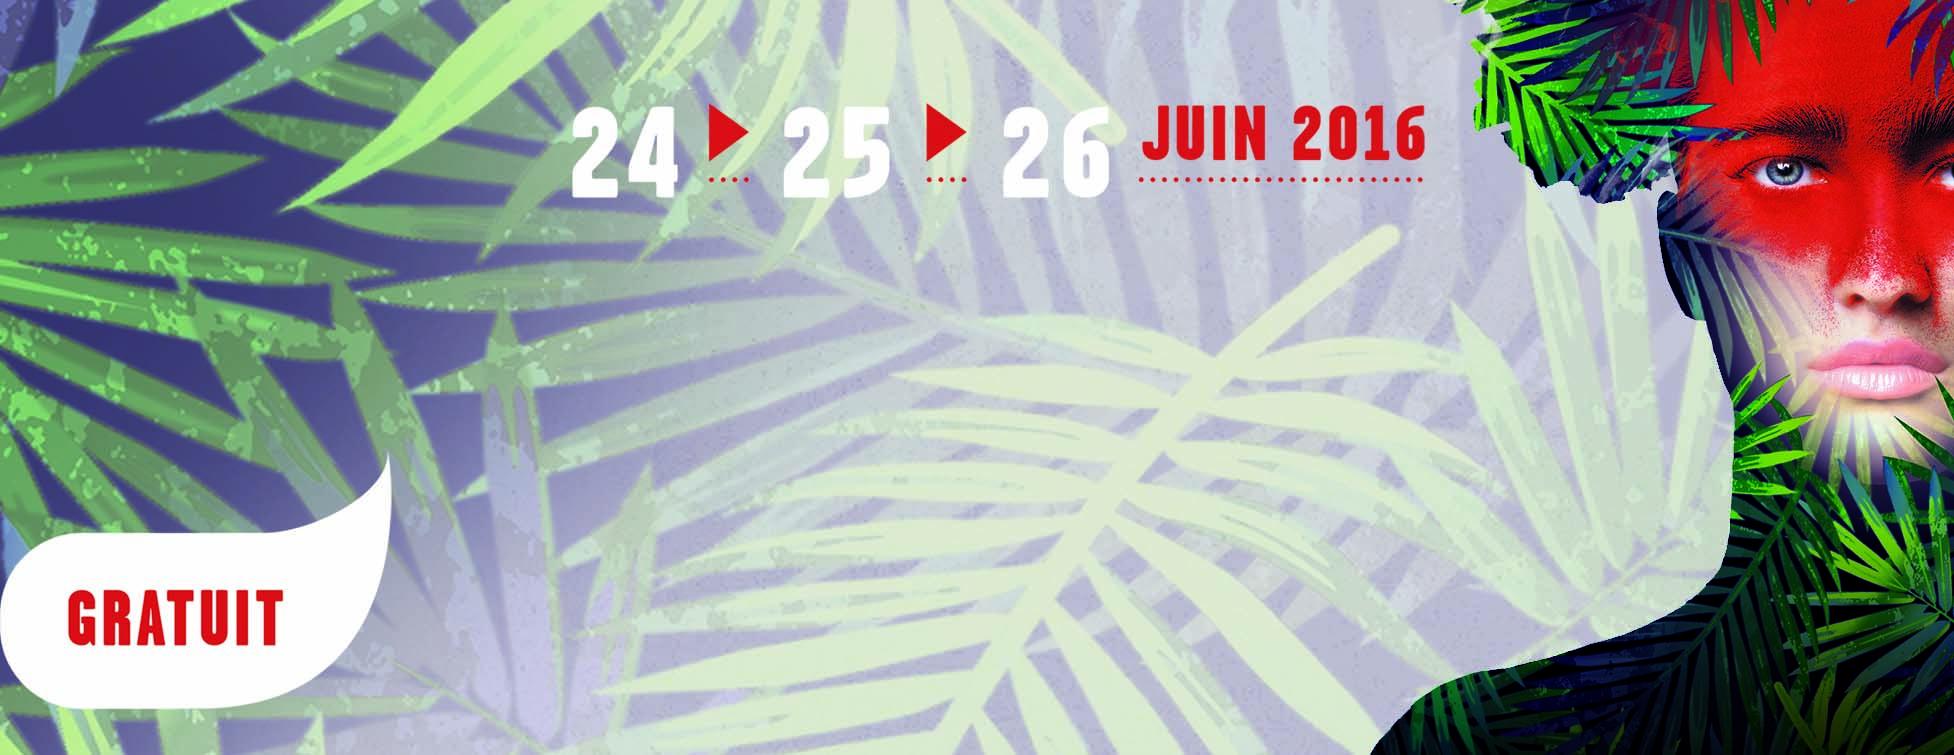 Balade en Musique - Samedi 25 juin